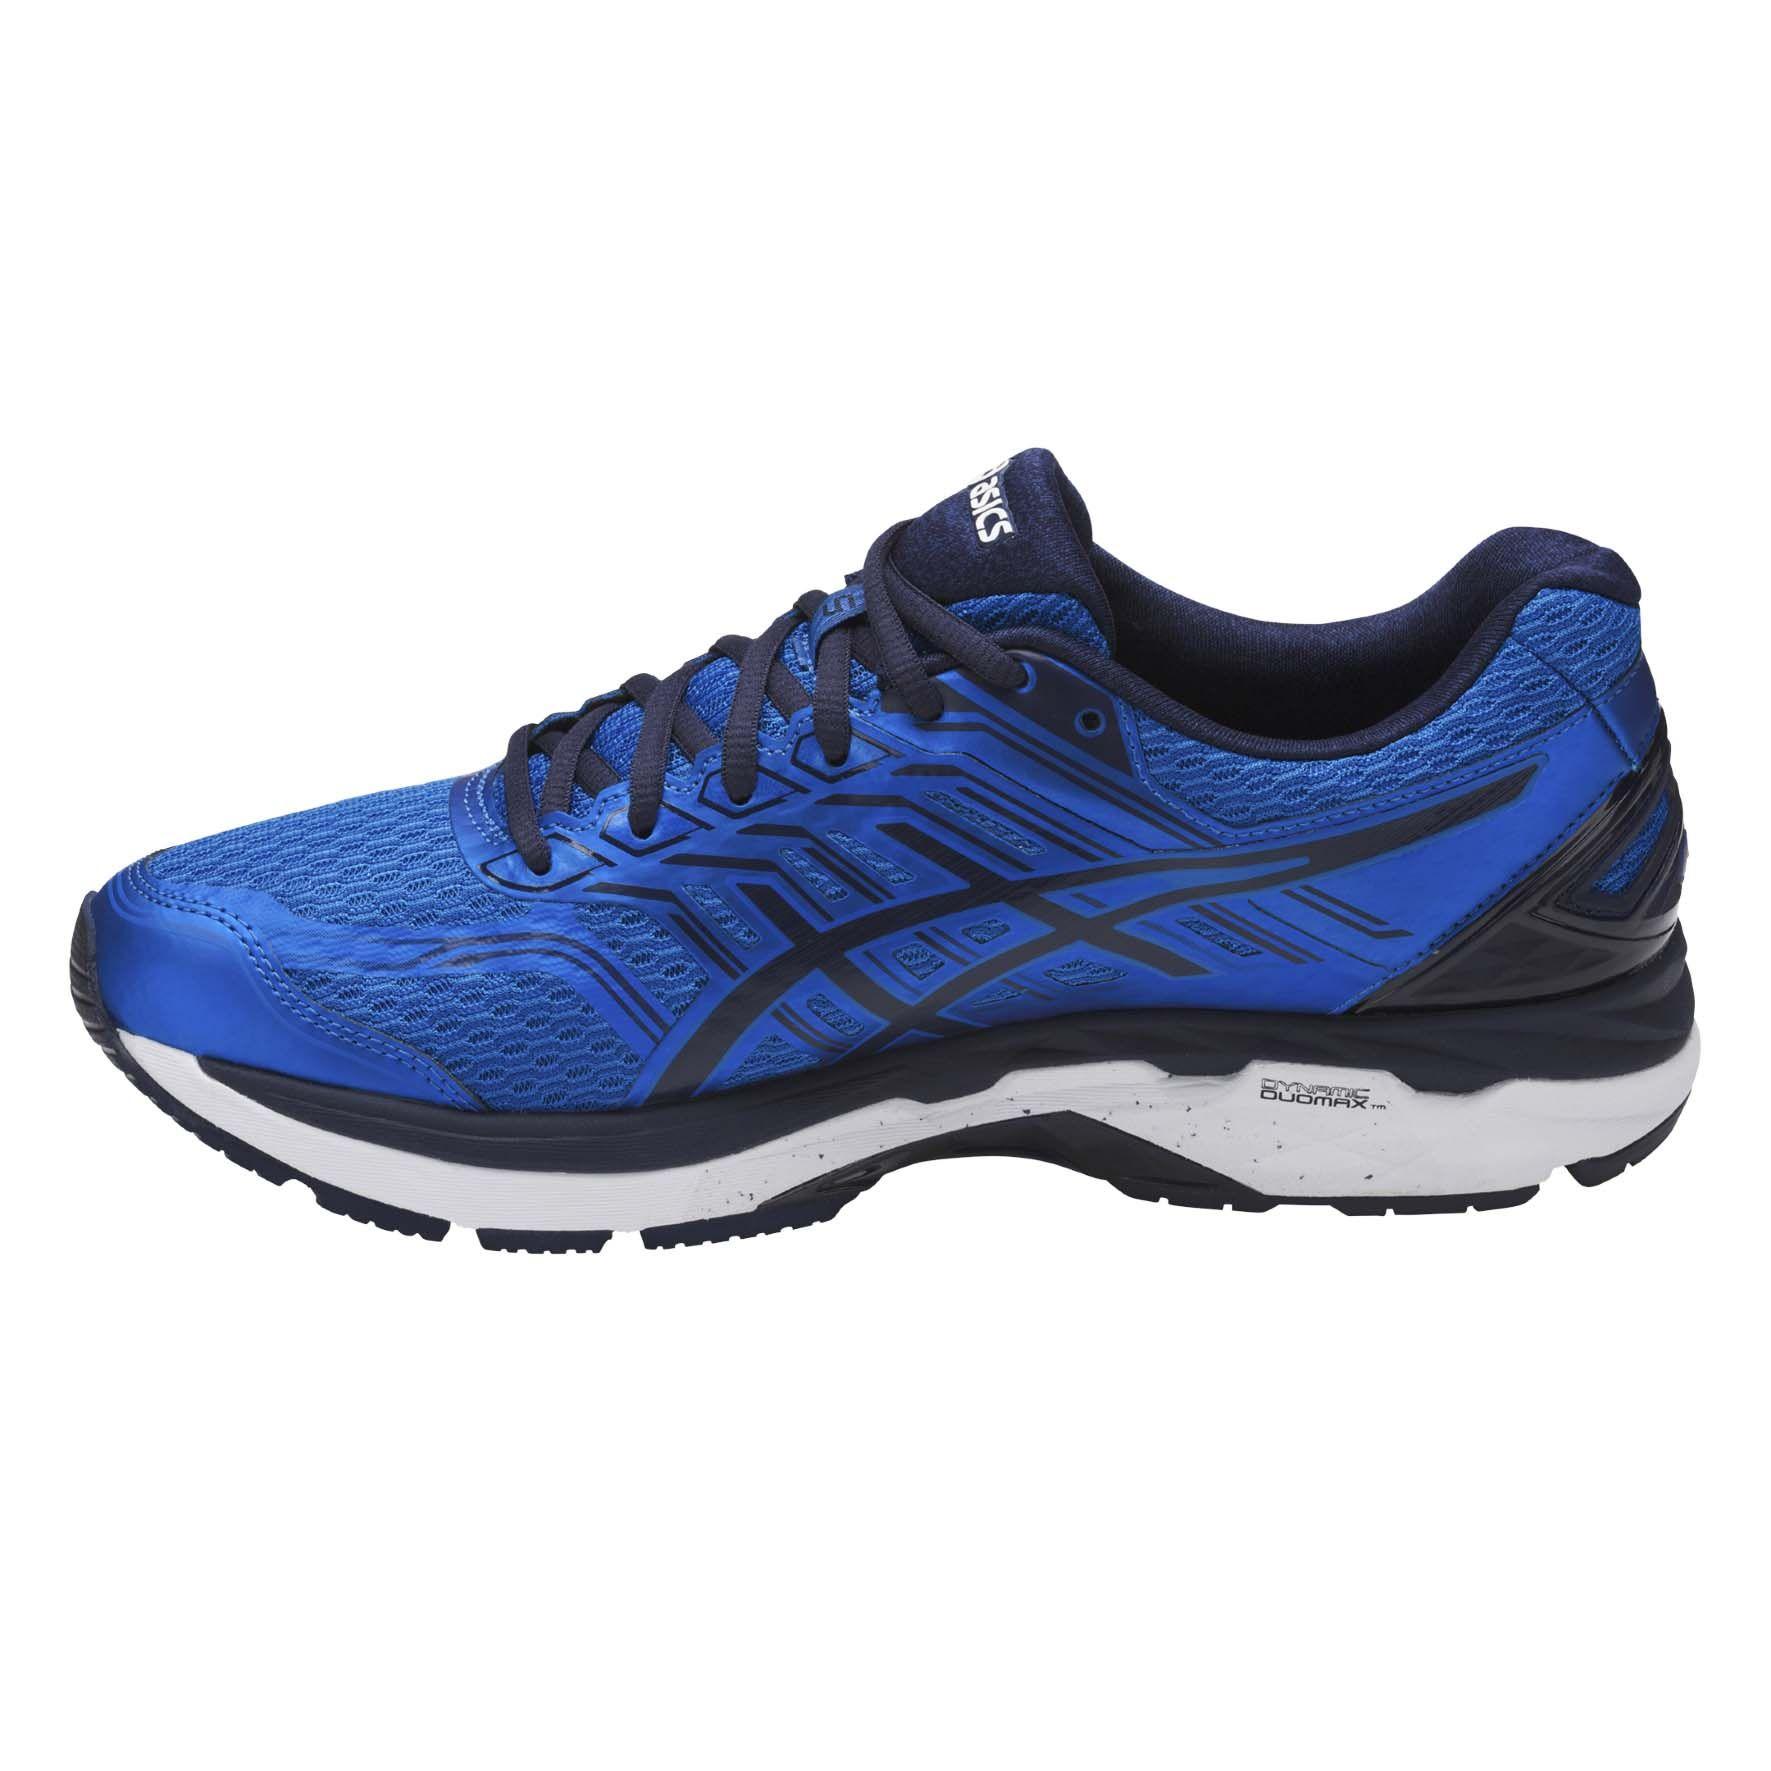 Asics GT-2000 5 Mens Running Shoes AW17 - Sweatband.com